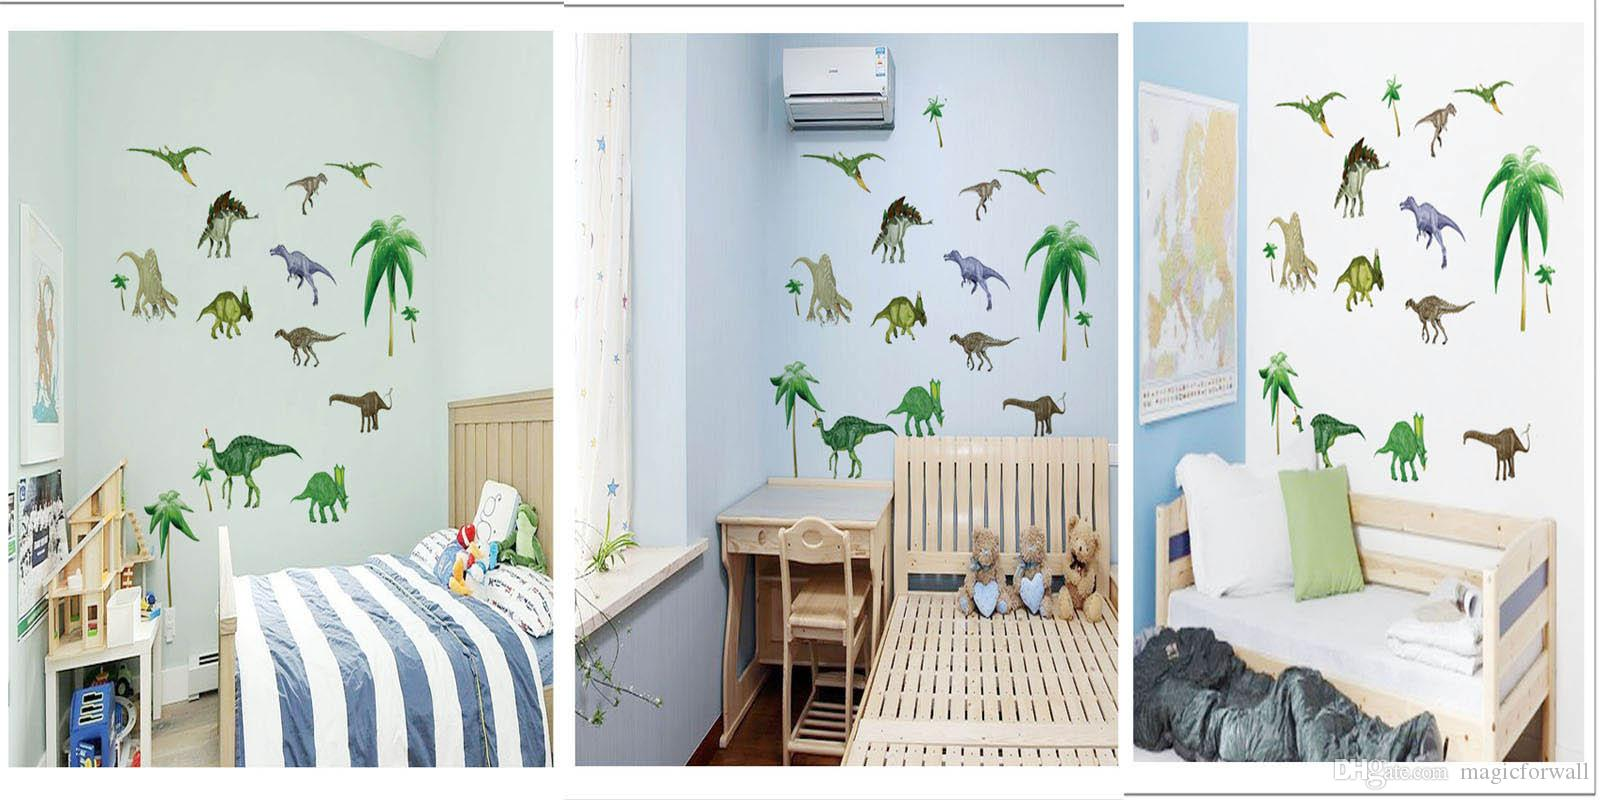 Acheter Animaux De Bande Dessinée Wall Art Decal Sticker Pour Bébé Enfants  Chambre Pépinière Décoration Dinosaure Cheval Fée Papillon Heureux Enfance